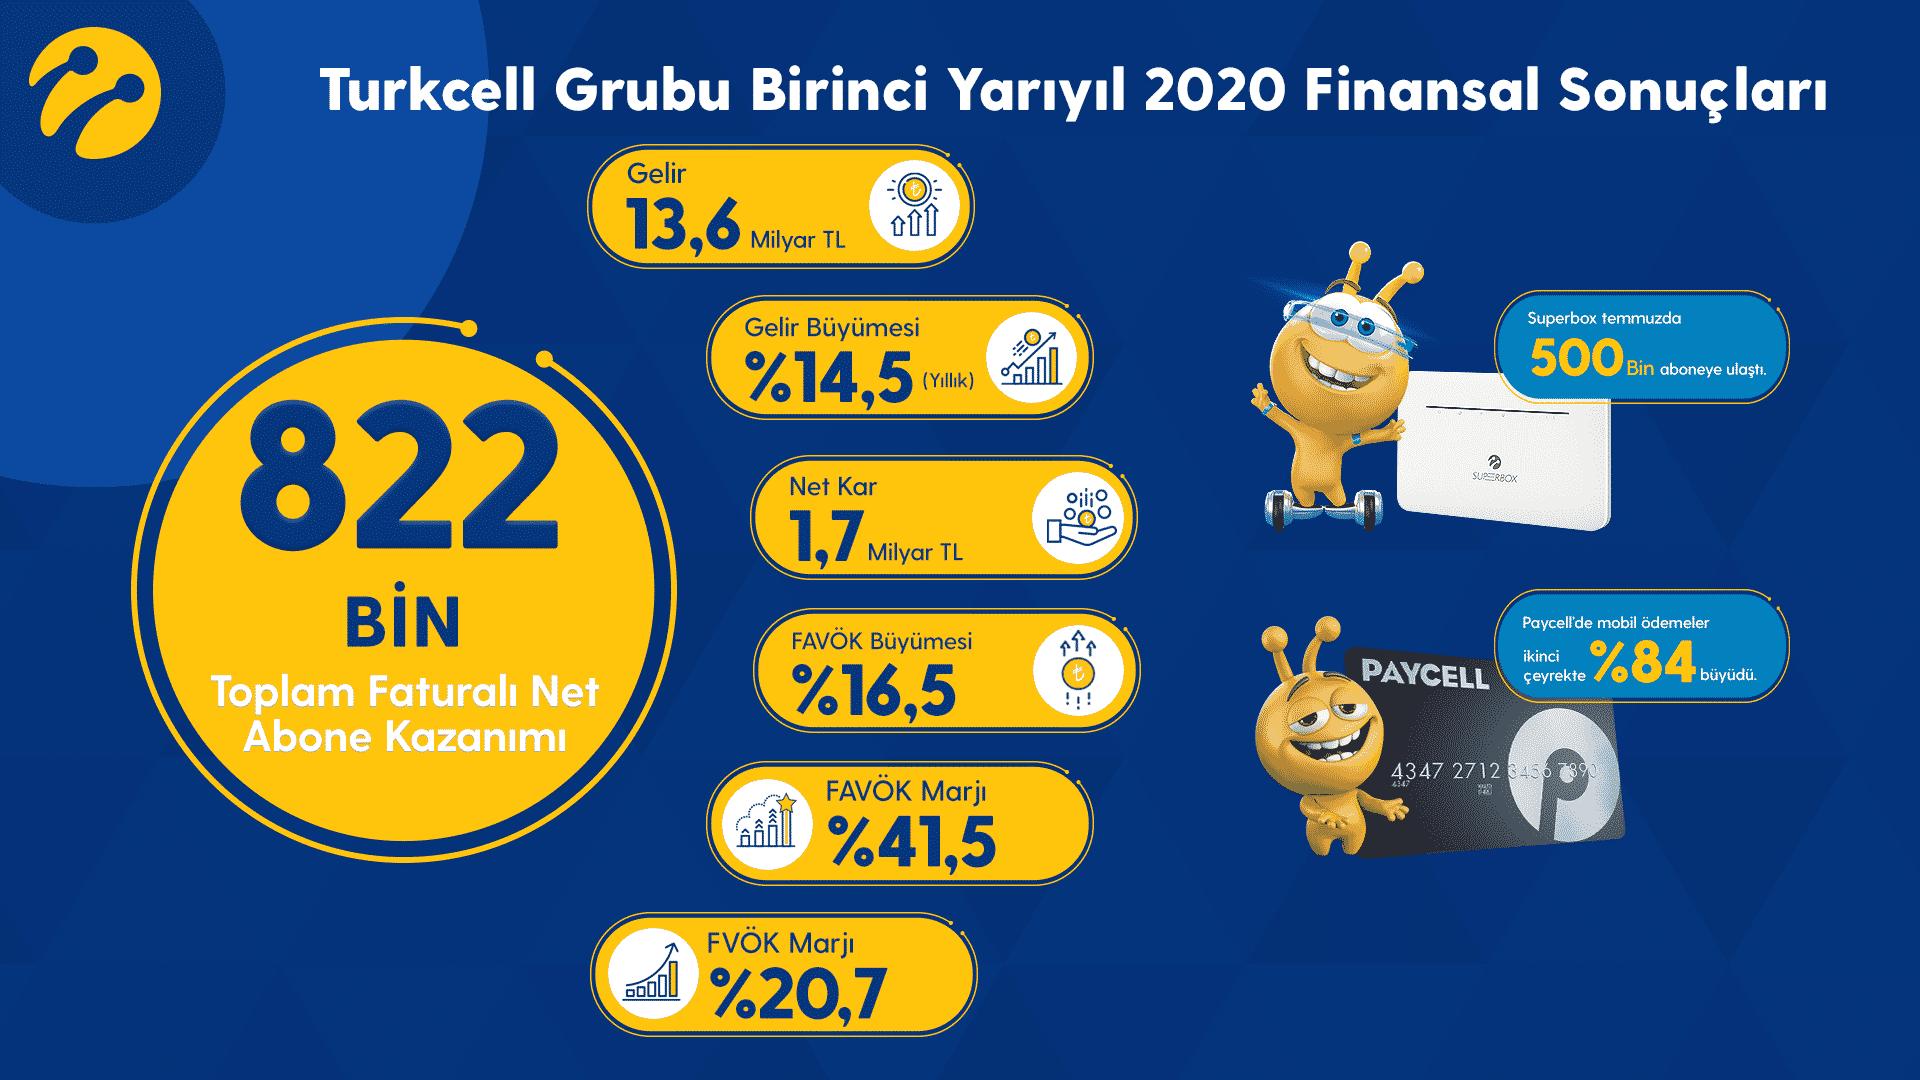 Turkcell'den 2020 yarı yıl performansı, dijital servisler büyüyor